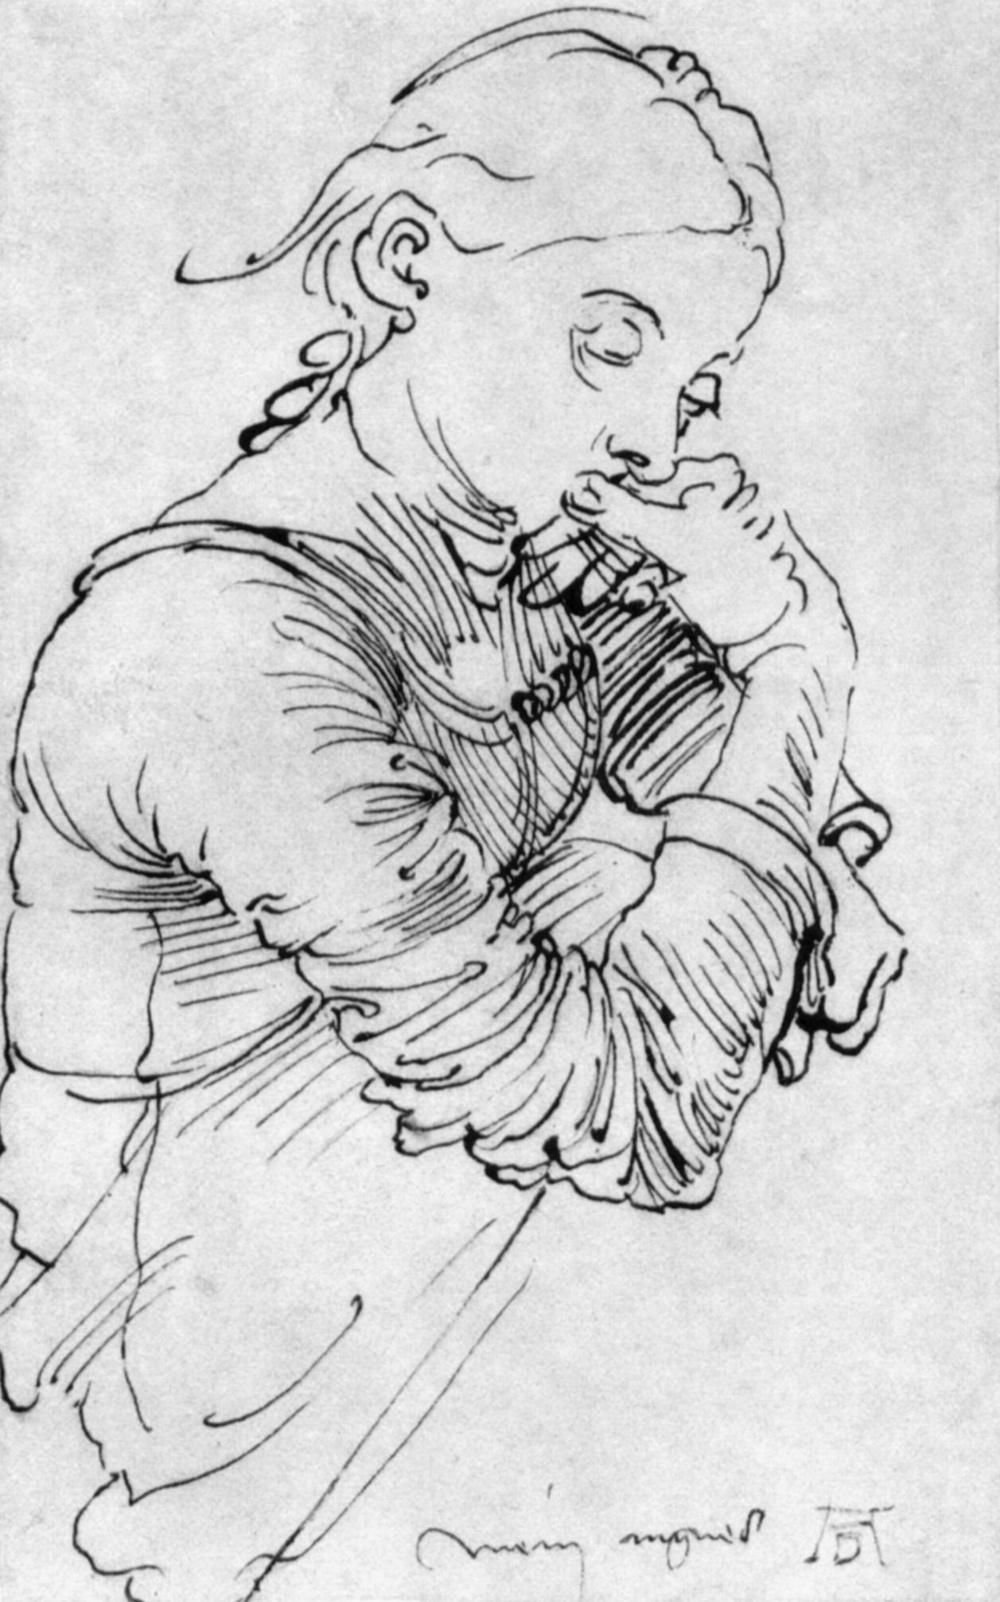 Портрет жены Дюрера - Моя Агнесс